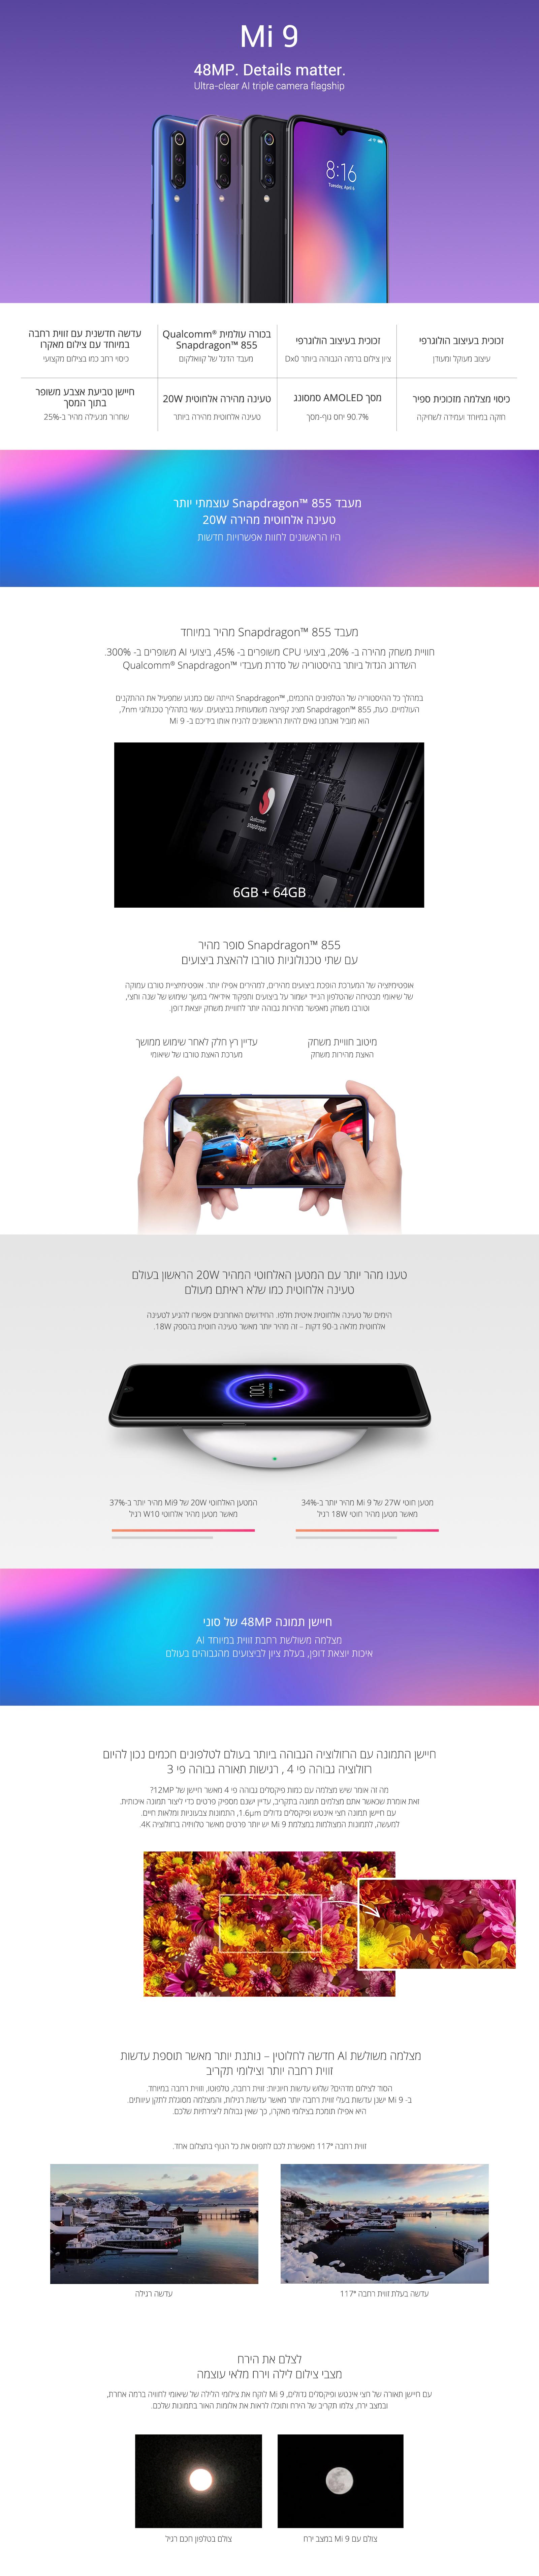 סמארטפון MI 9 גרסה 6GB+128GB